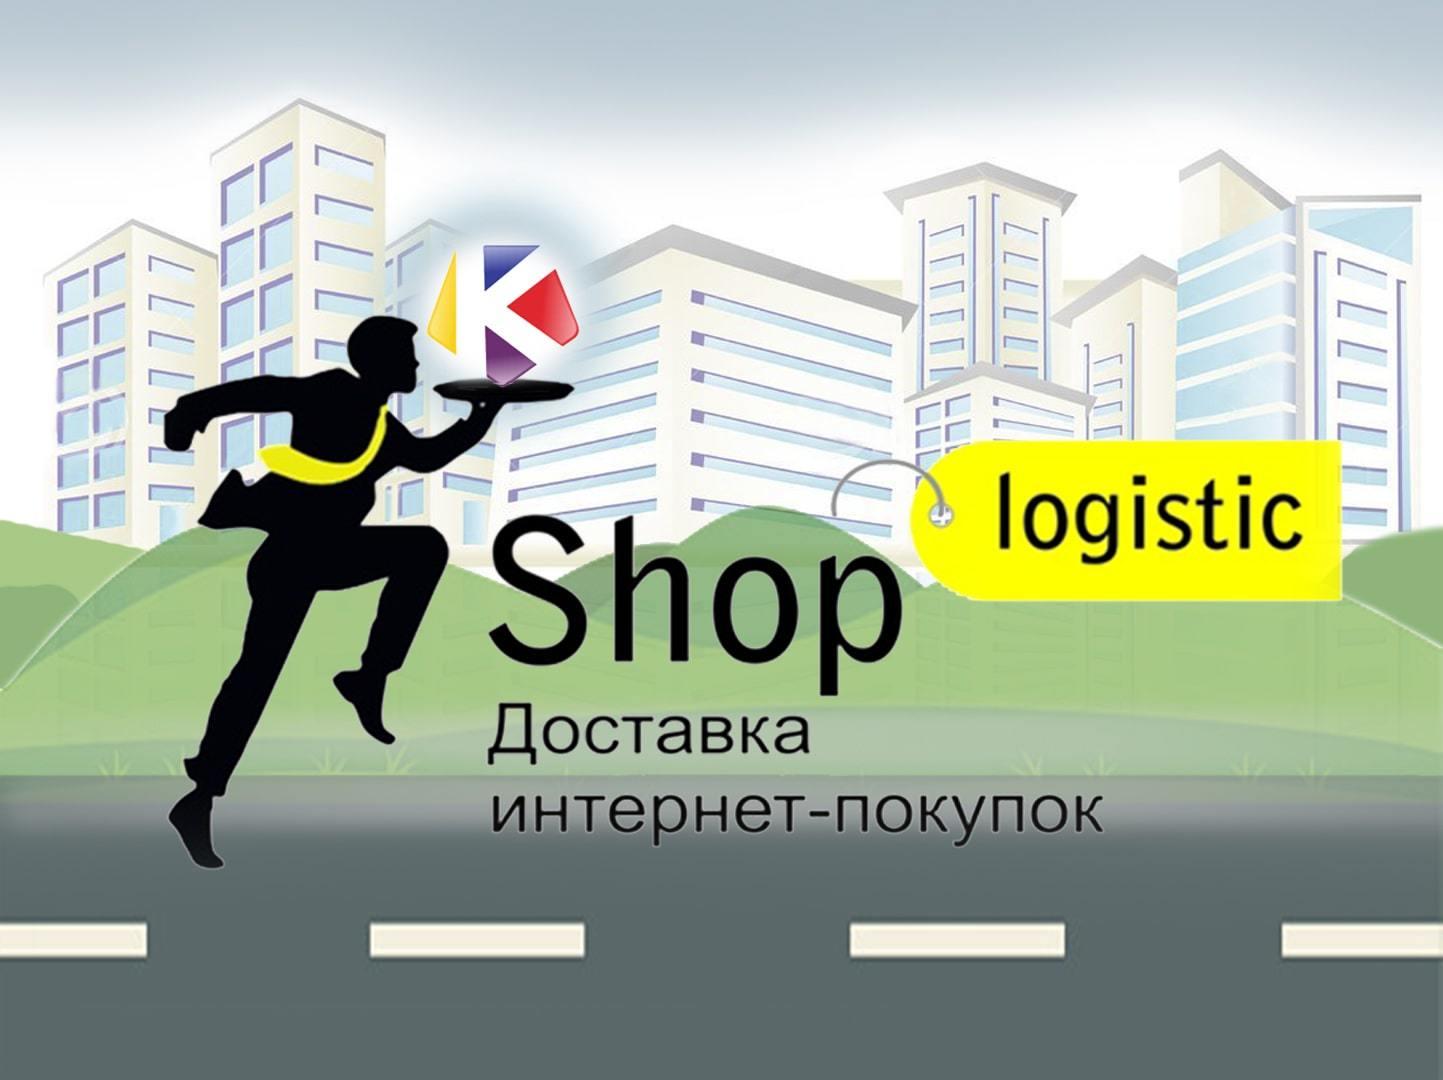 Shop Logistic - доставка ваших товаров